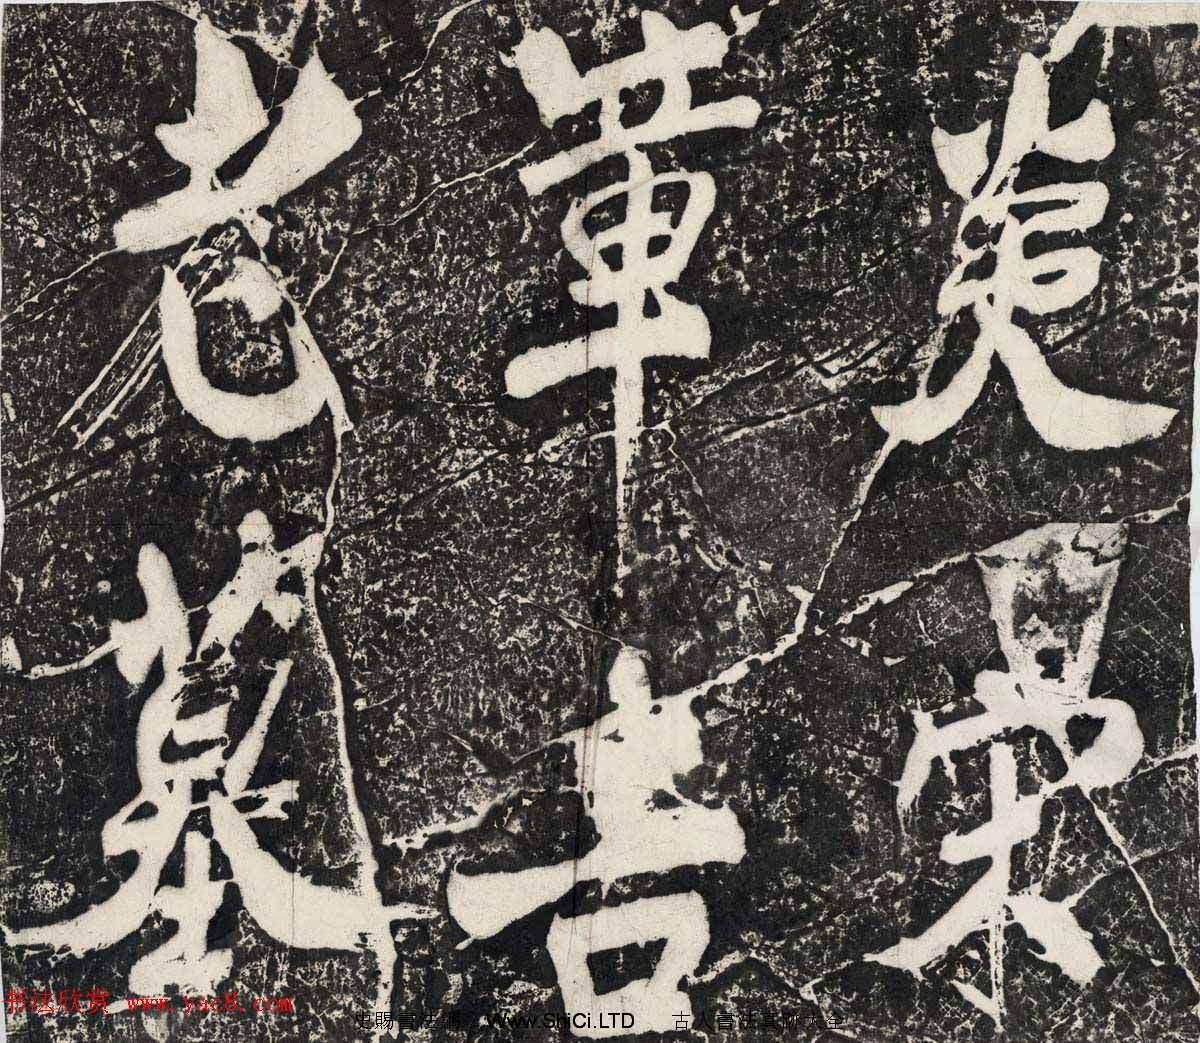 善本碑帖錄《米芾行書章迪墓表》(共4張圖片)